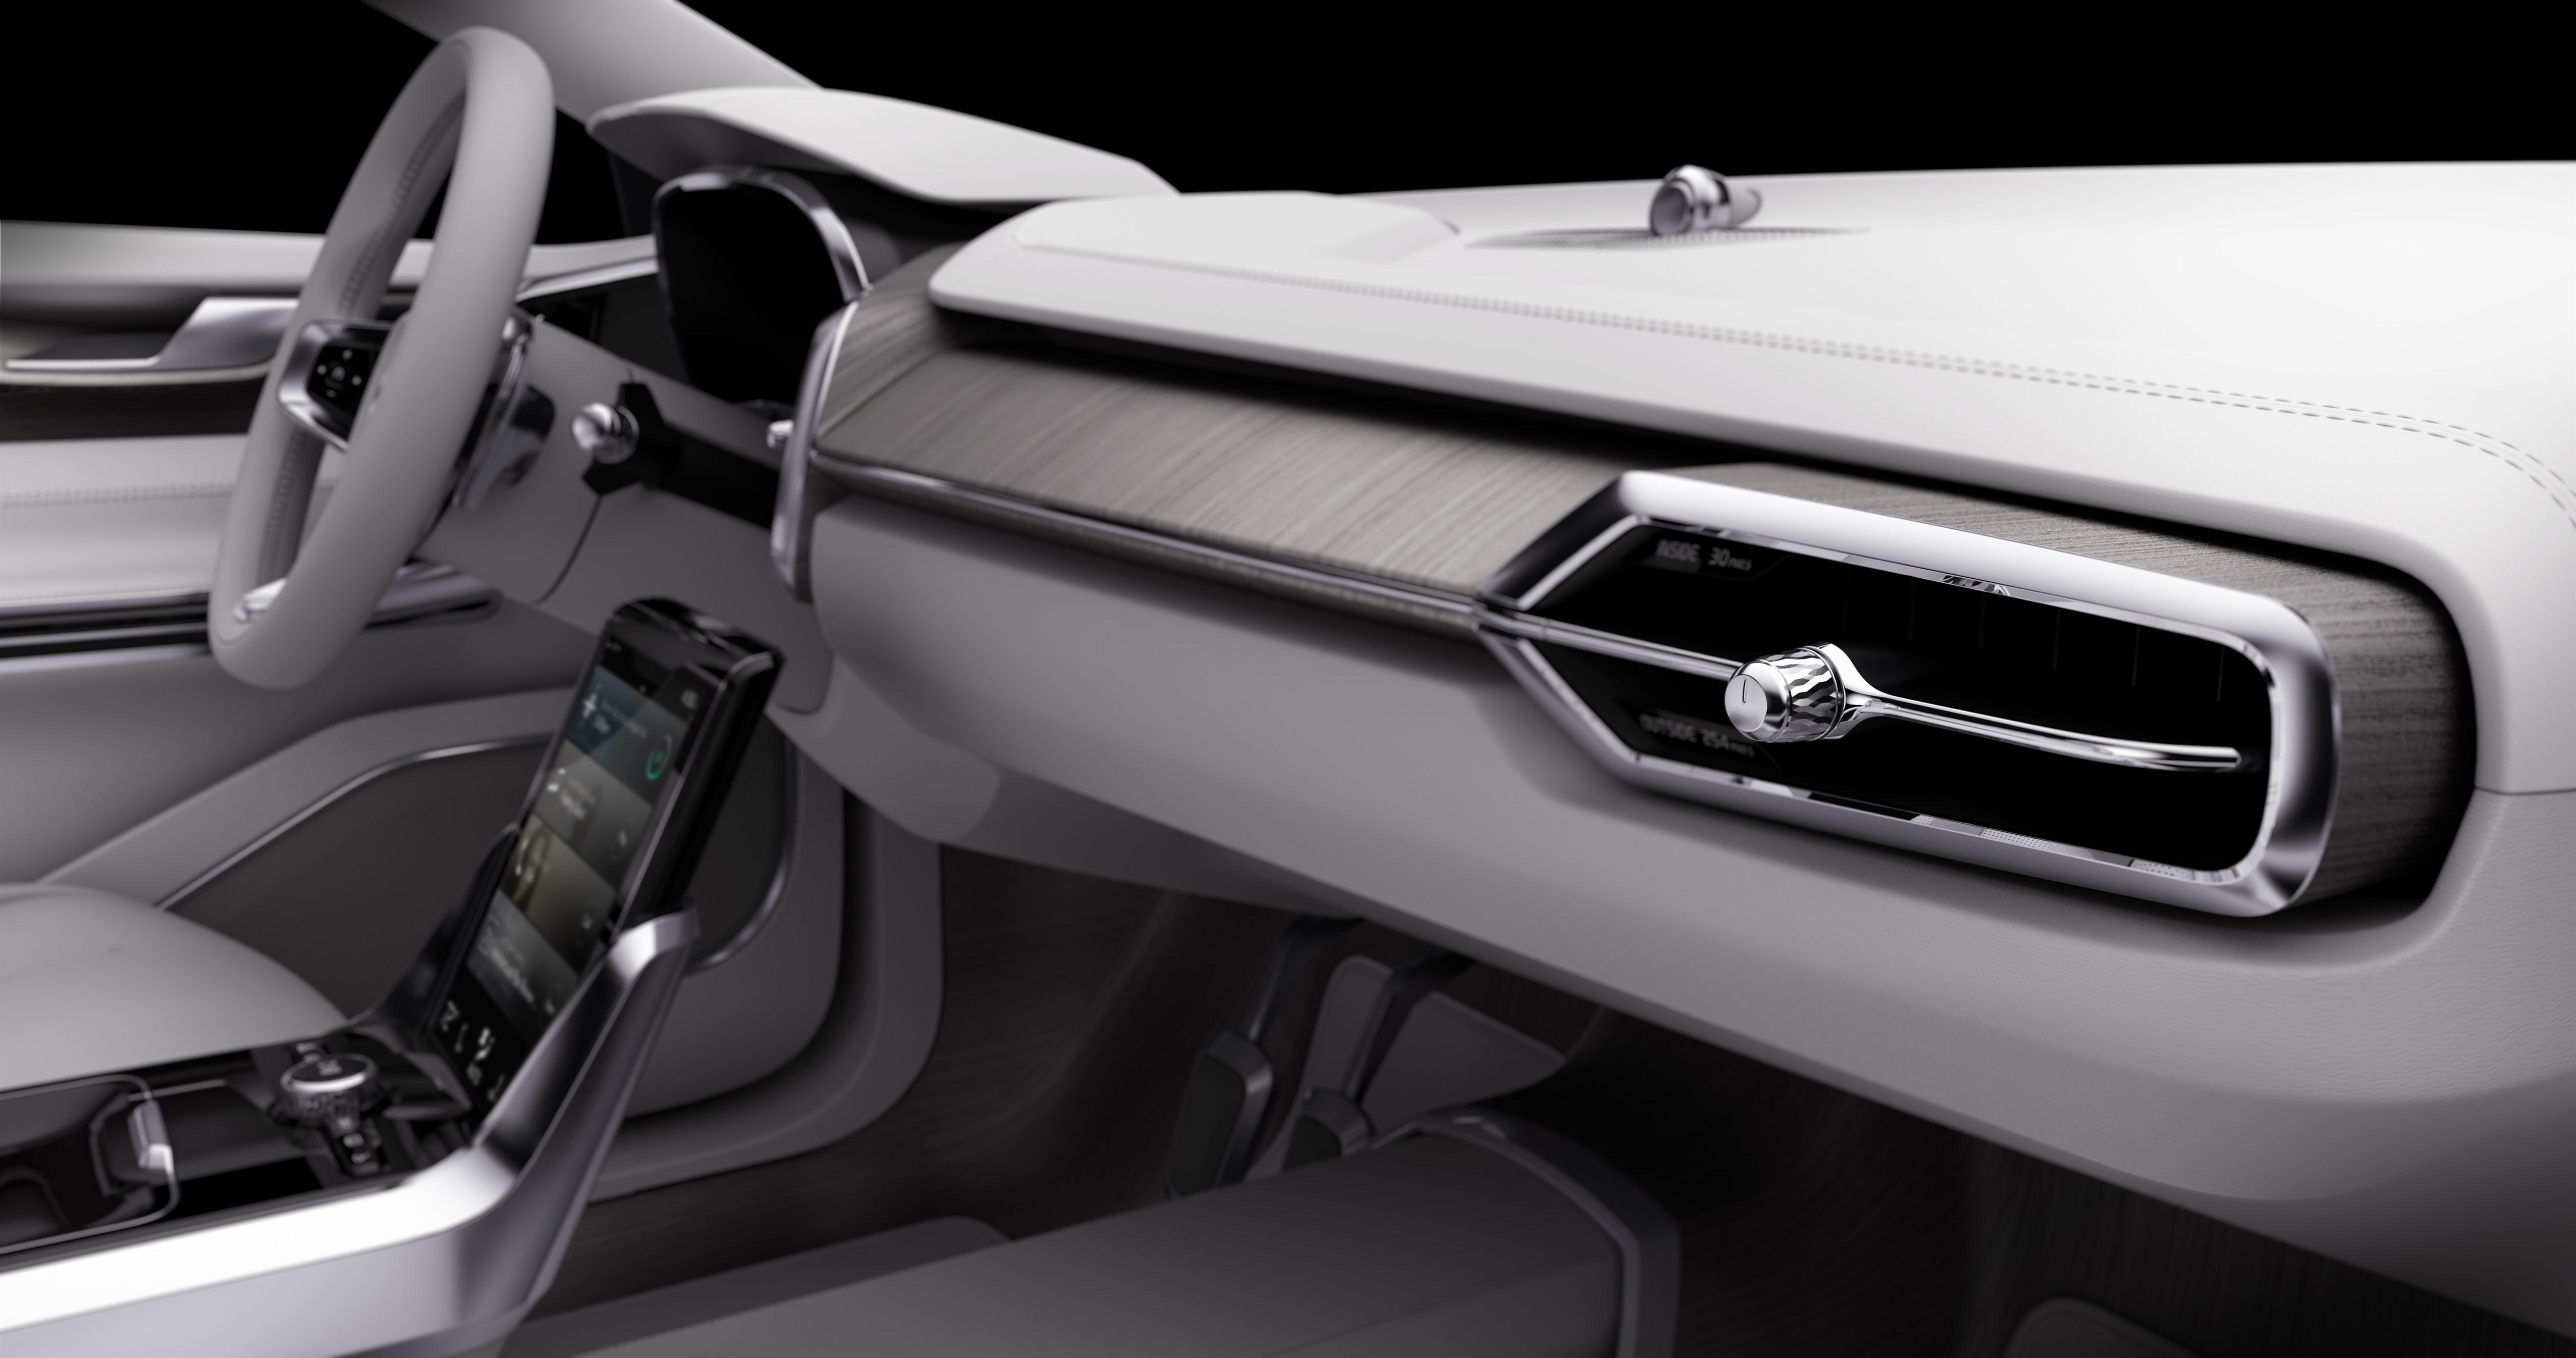 Niezwykły Concept 26, czyli przyszłość motoryzacji według Volvo